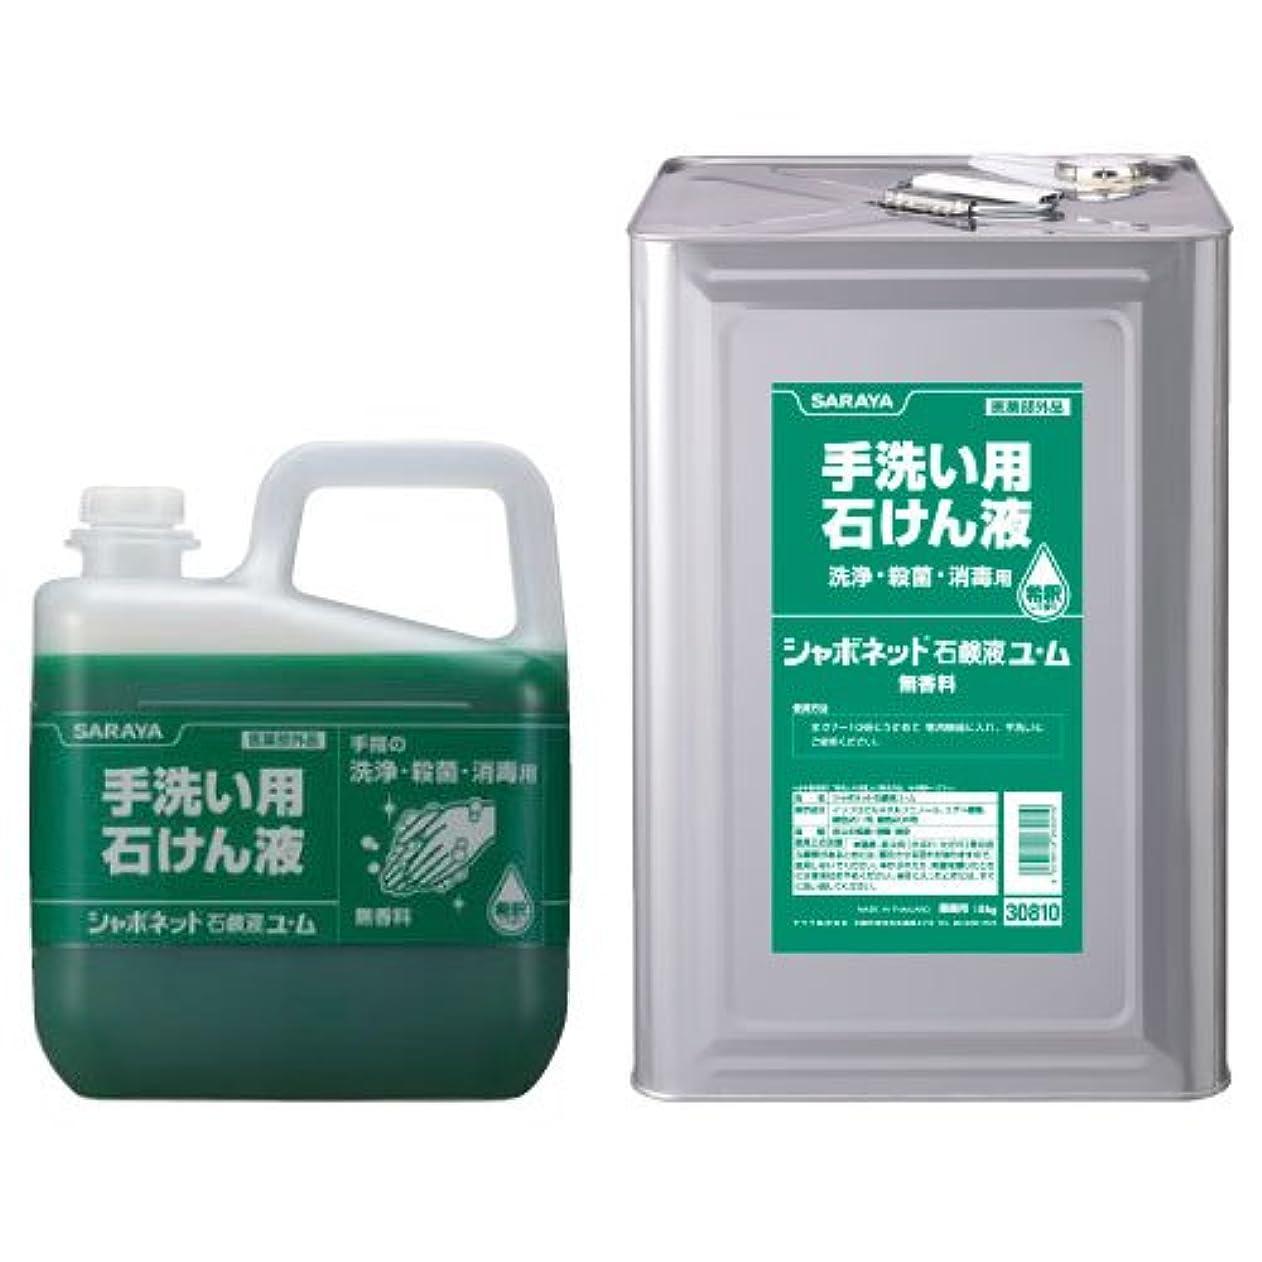 鈍い準備するメルボルンサラヤ シャボネット 石鹸液 ユ?ム 500g×24点セット (4987696232037)